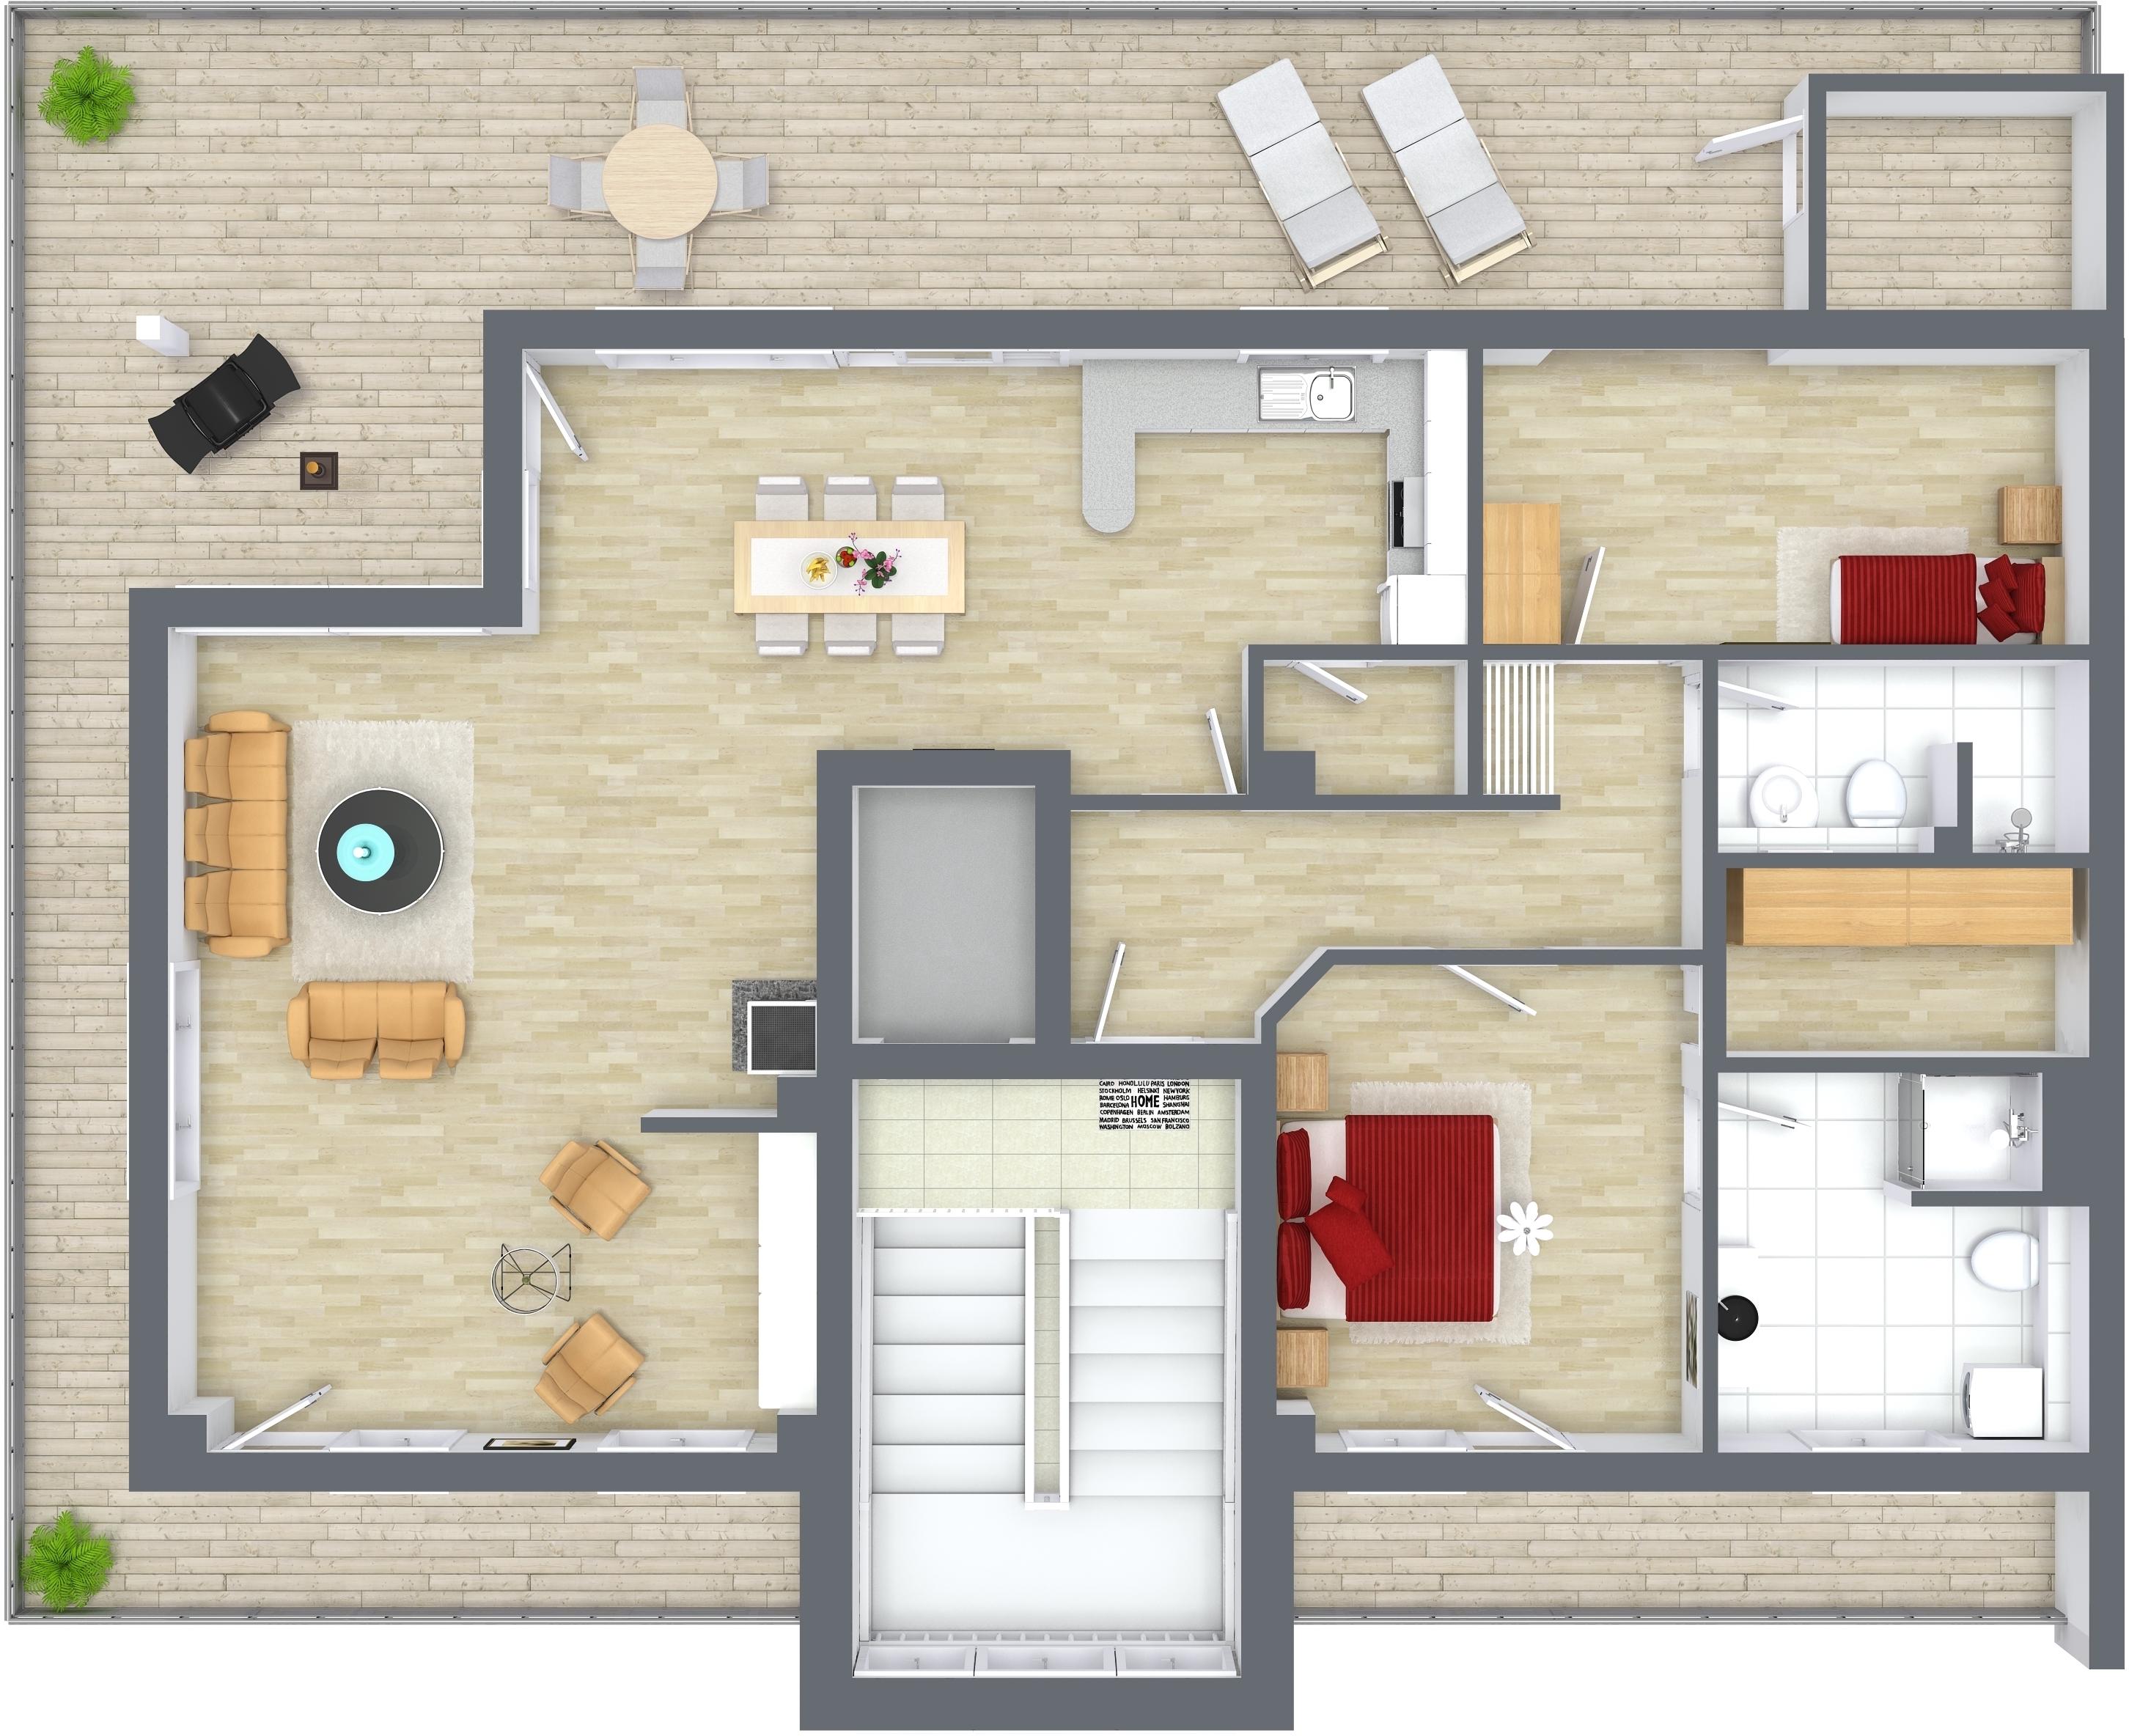 ber den d chern von harrislee c9 oliver klenz der immobilienprofi. Black Bedroom Furniture Sets. Home Design Ideas